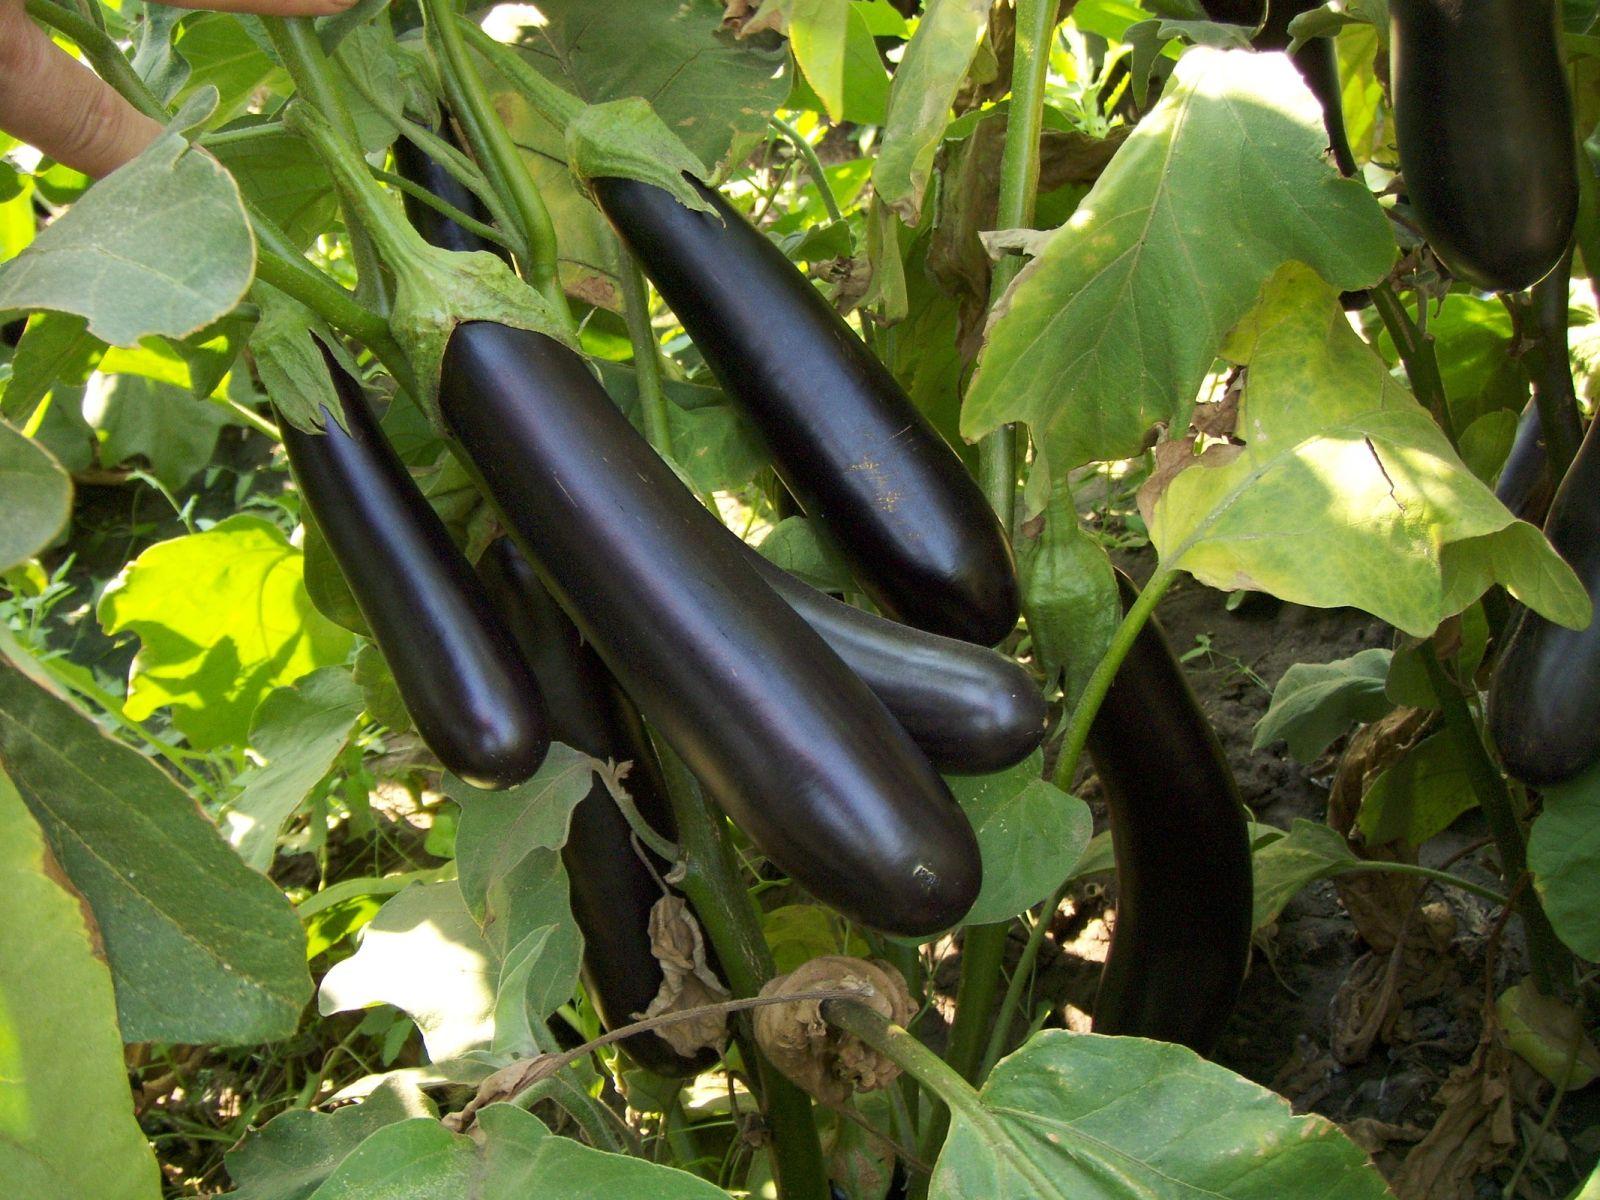 Баклажаны: фото и описание сортов, уход и выращивание